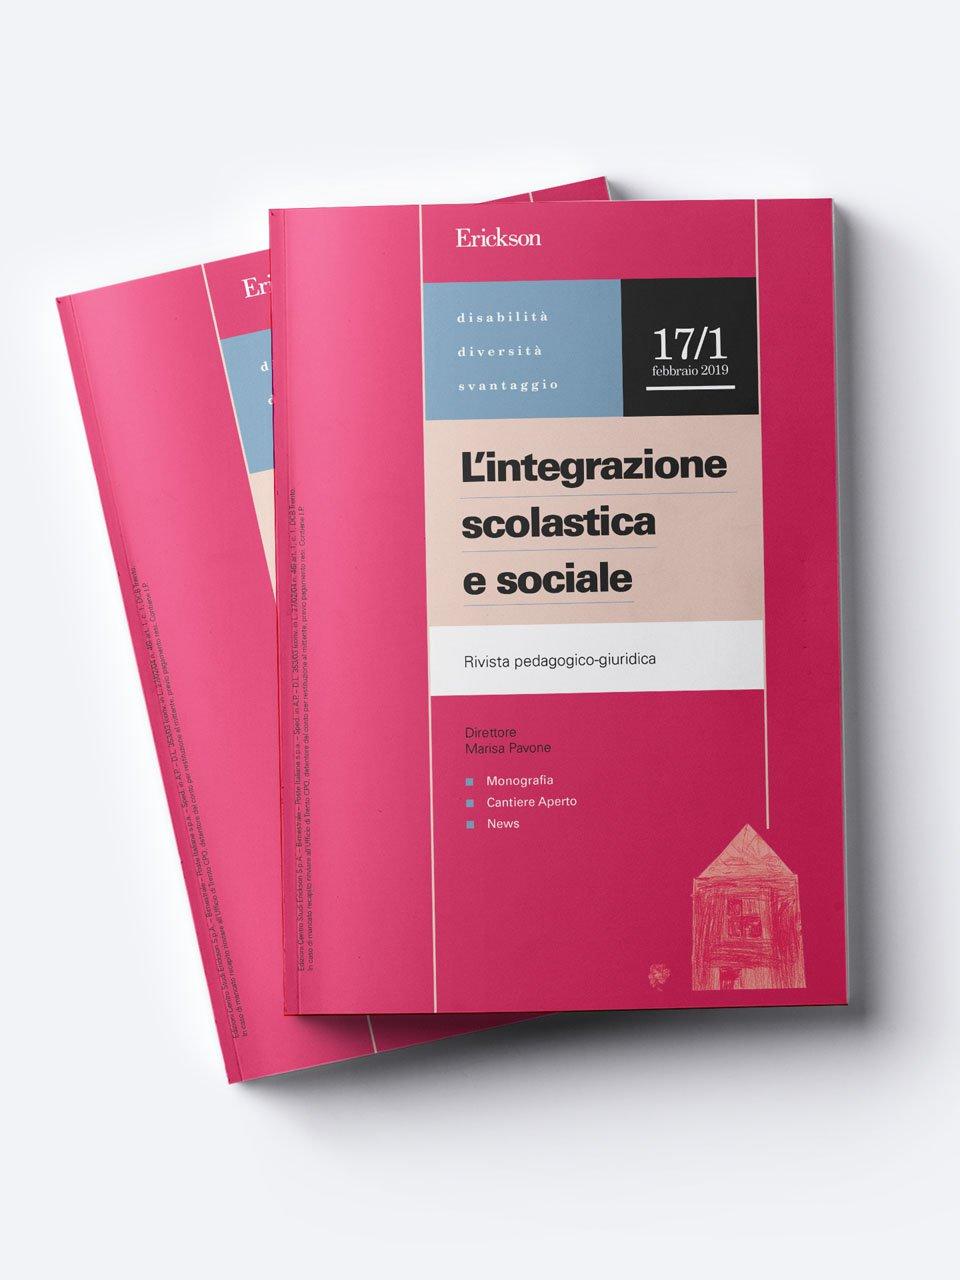 L'integrazione scolastica e sociale - Insegnare Domani nella Scuola Secondaria - Libri - Erickson